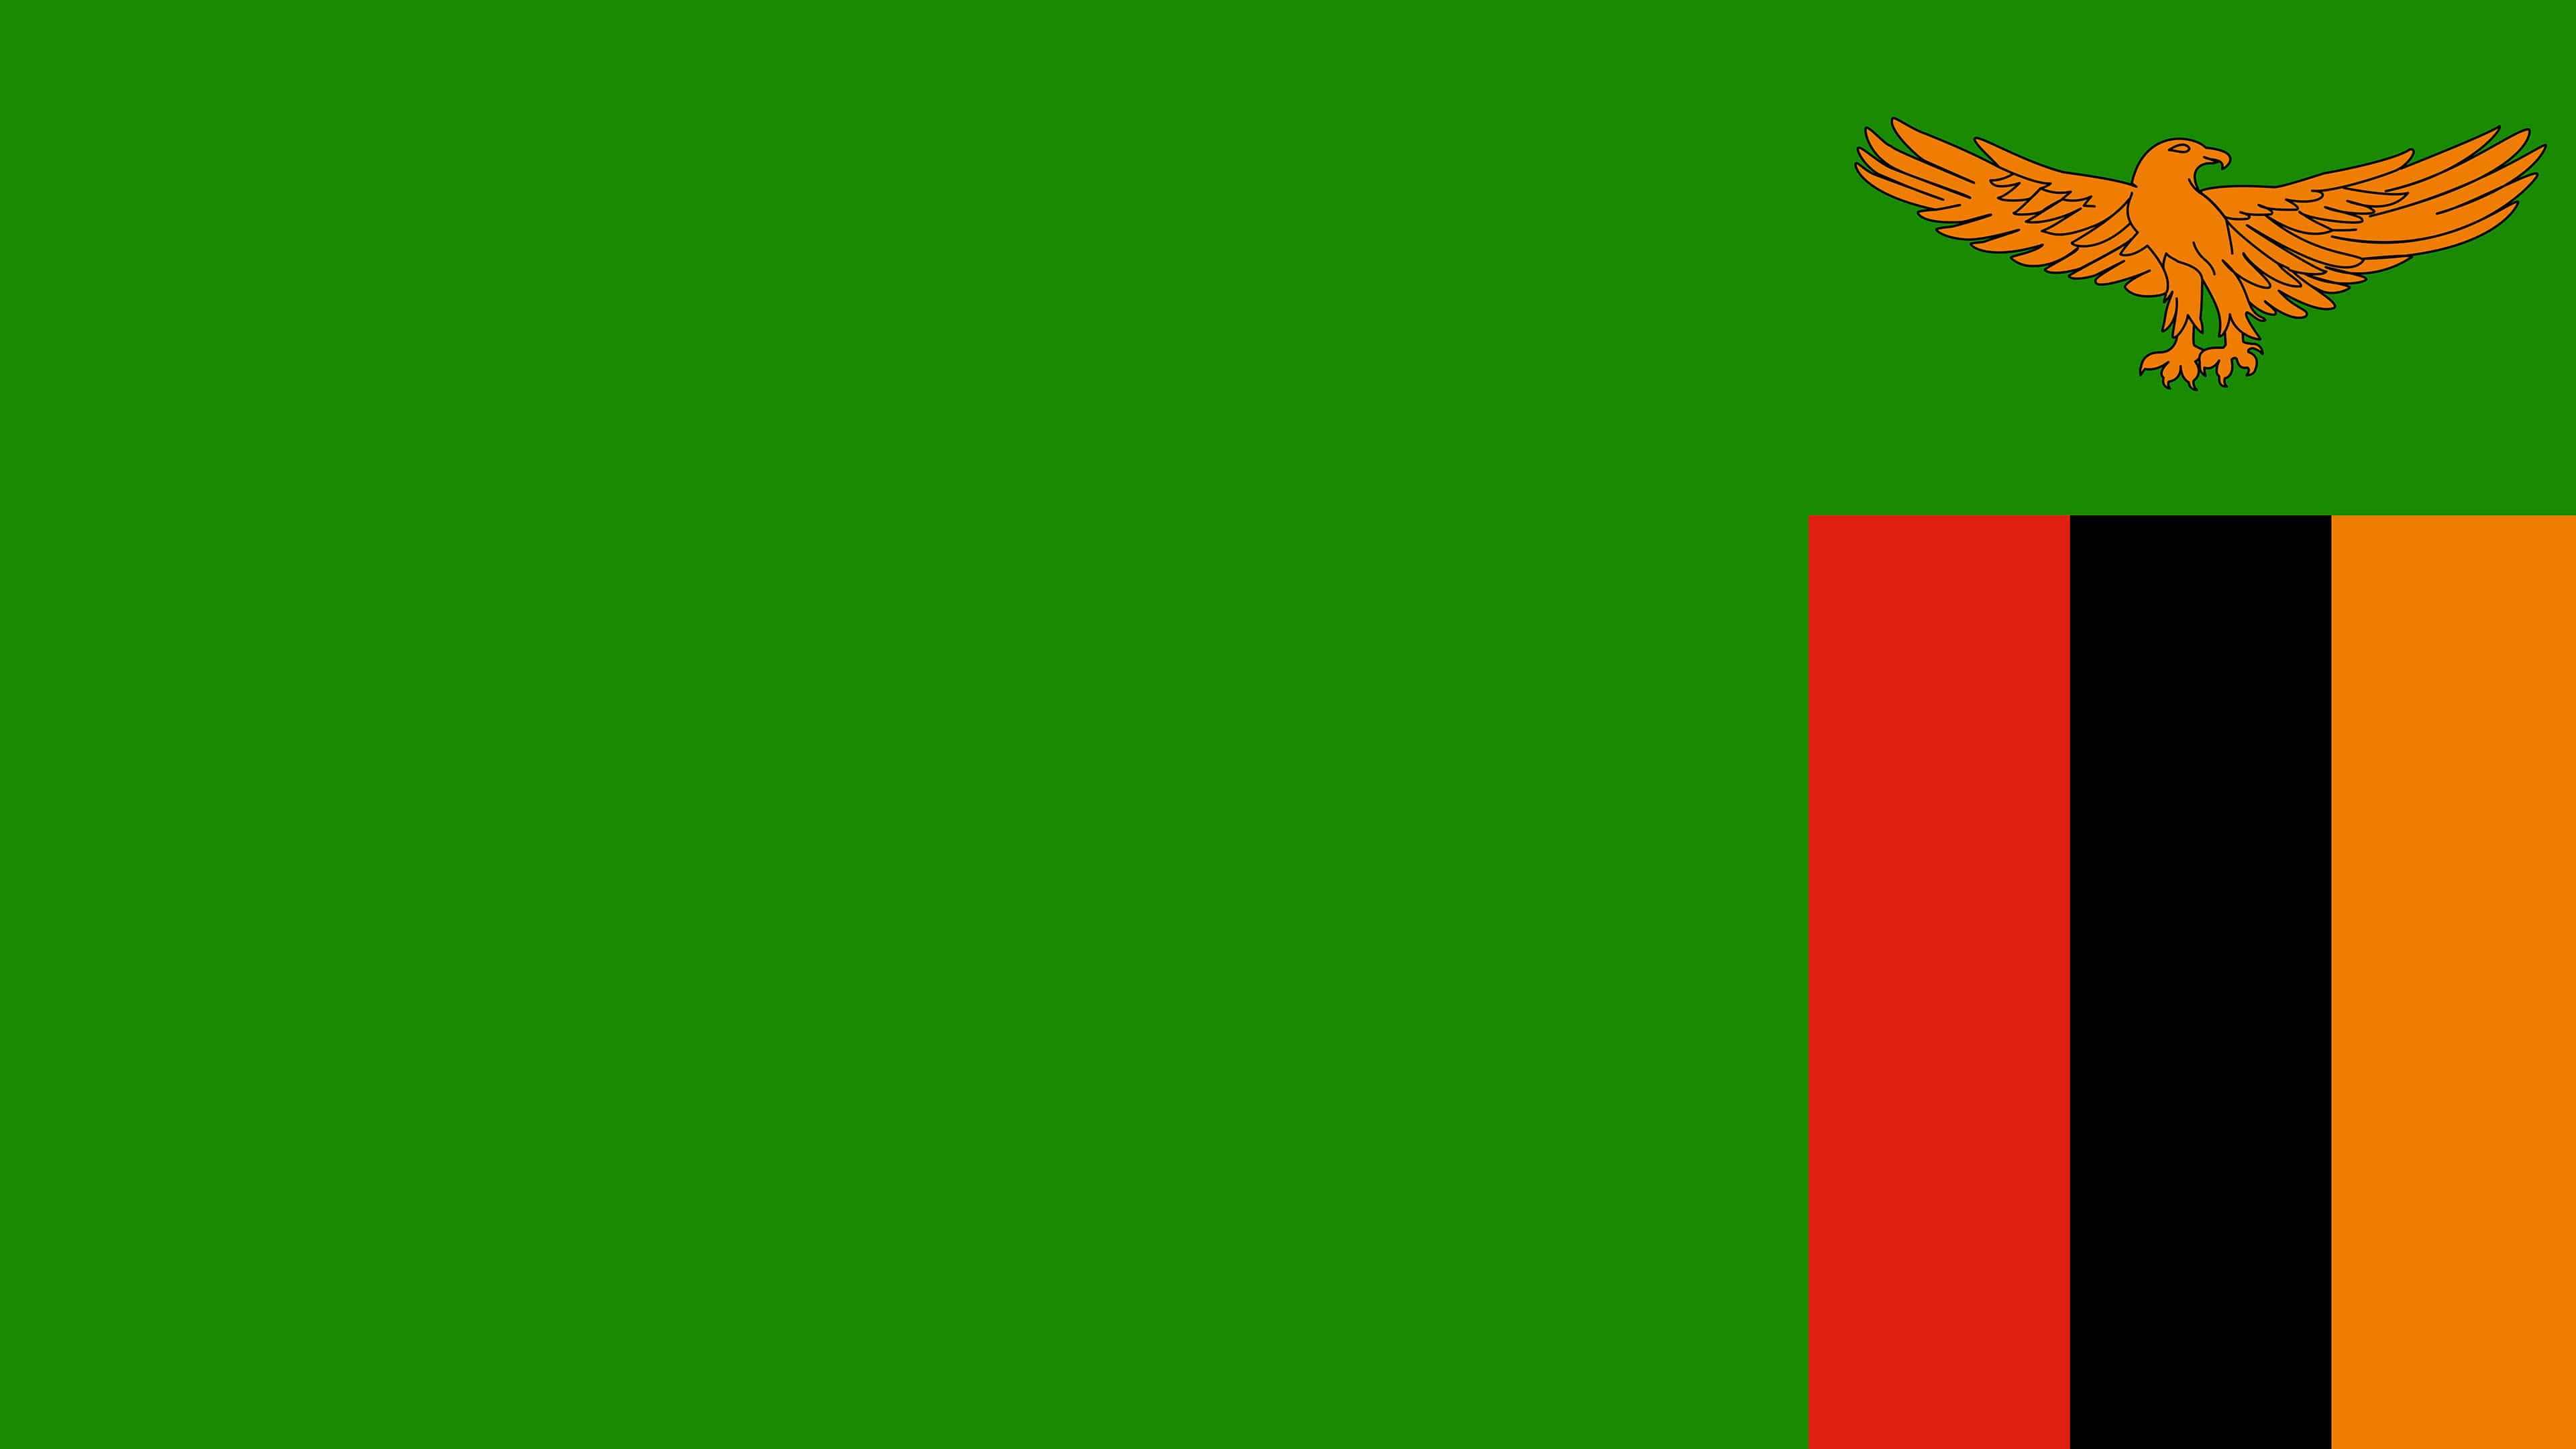 Zambia Flag UHD 4K Wallpaper Pixelz 3840x2160